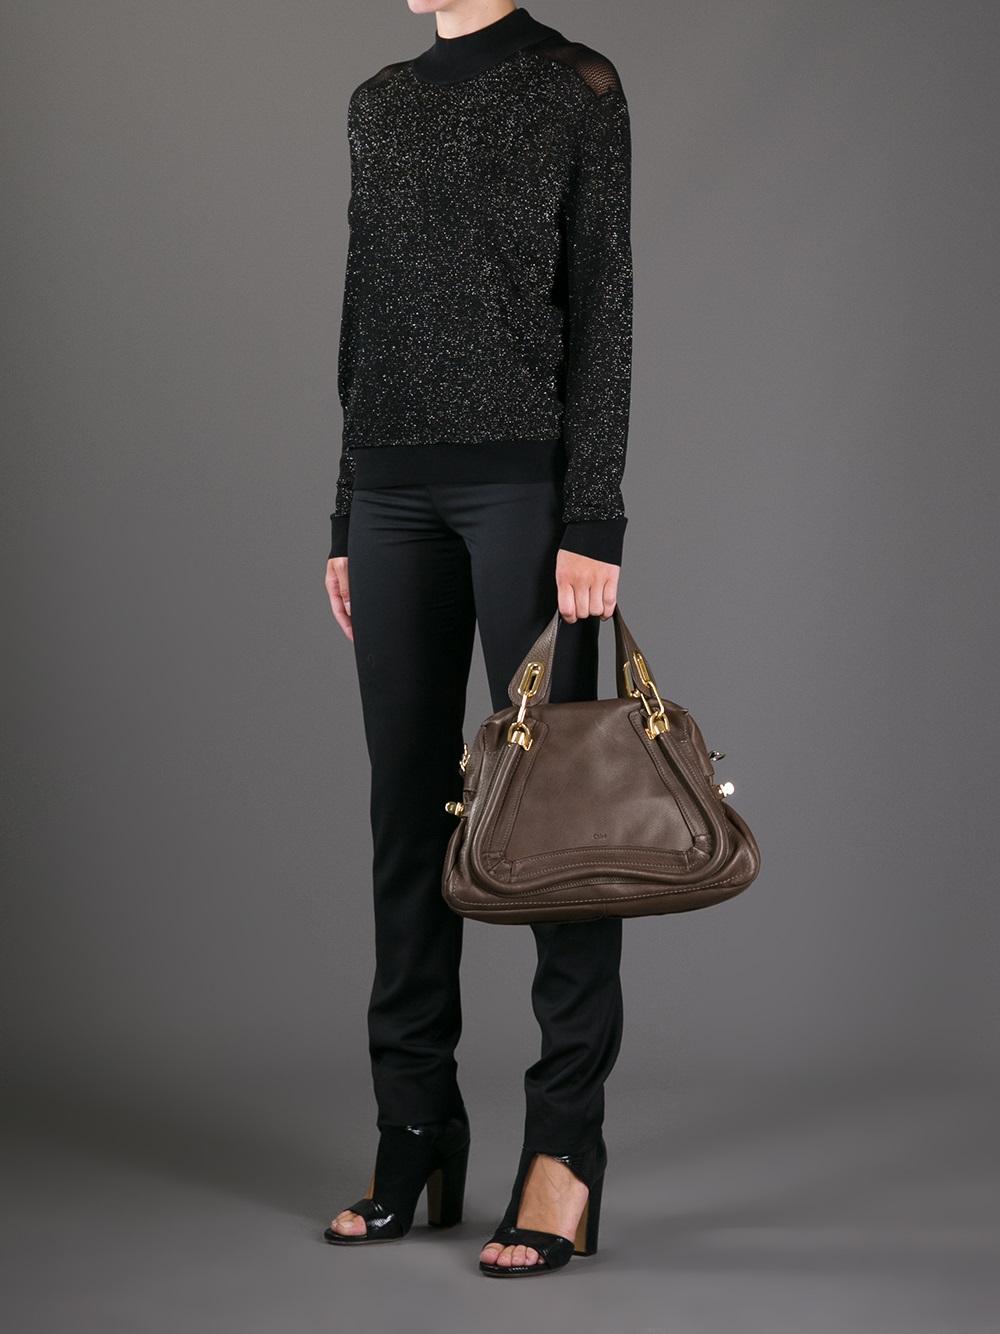 Chlo¨¦ Paraty Shoulder Bag in Brown (grey) | Lyst